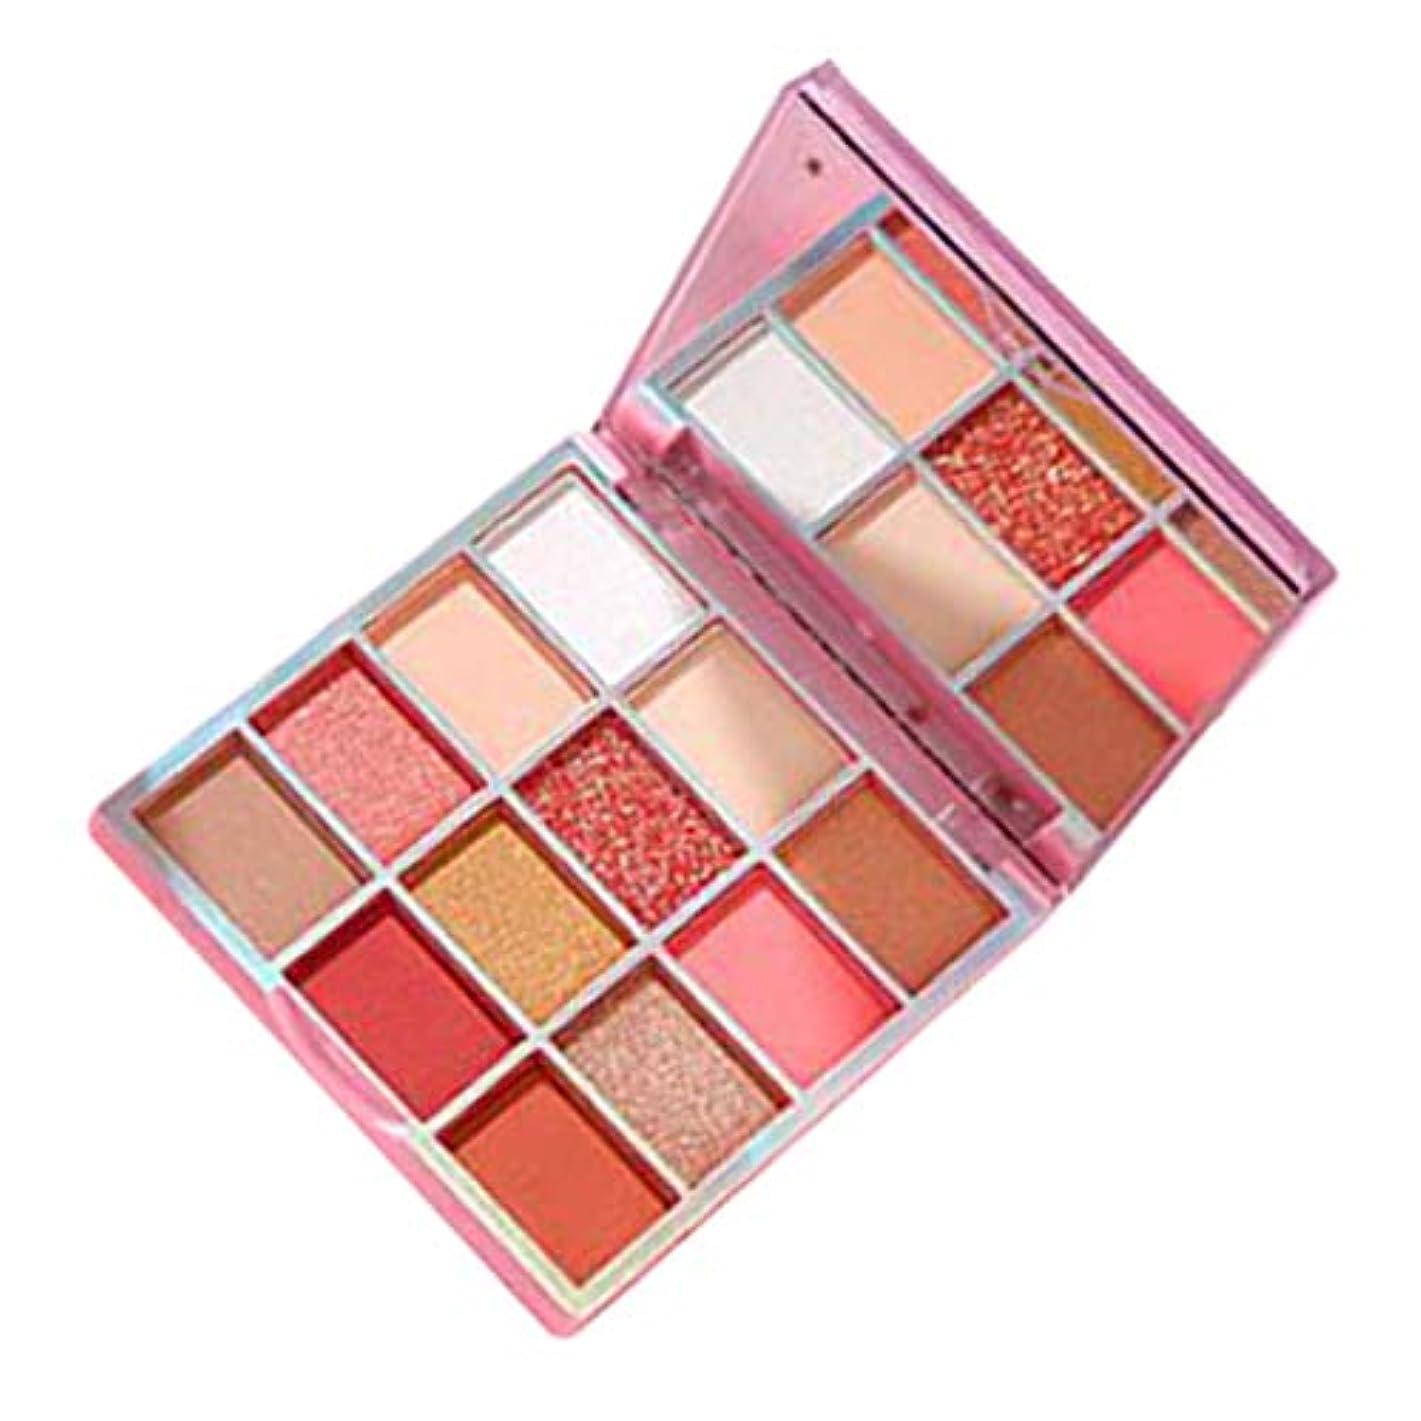 自動的に代名詞現れる防水 アイシャドウ 12色 美容 メイクパレット マット パール アイシャドウパウダー 多機能 全2種類 - ピンク